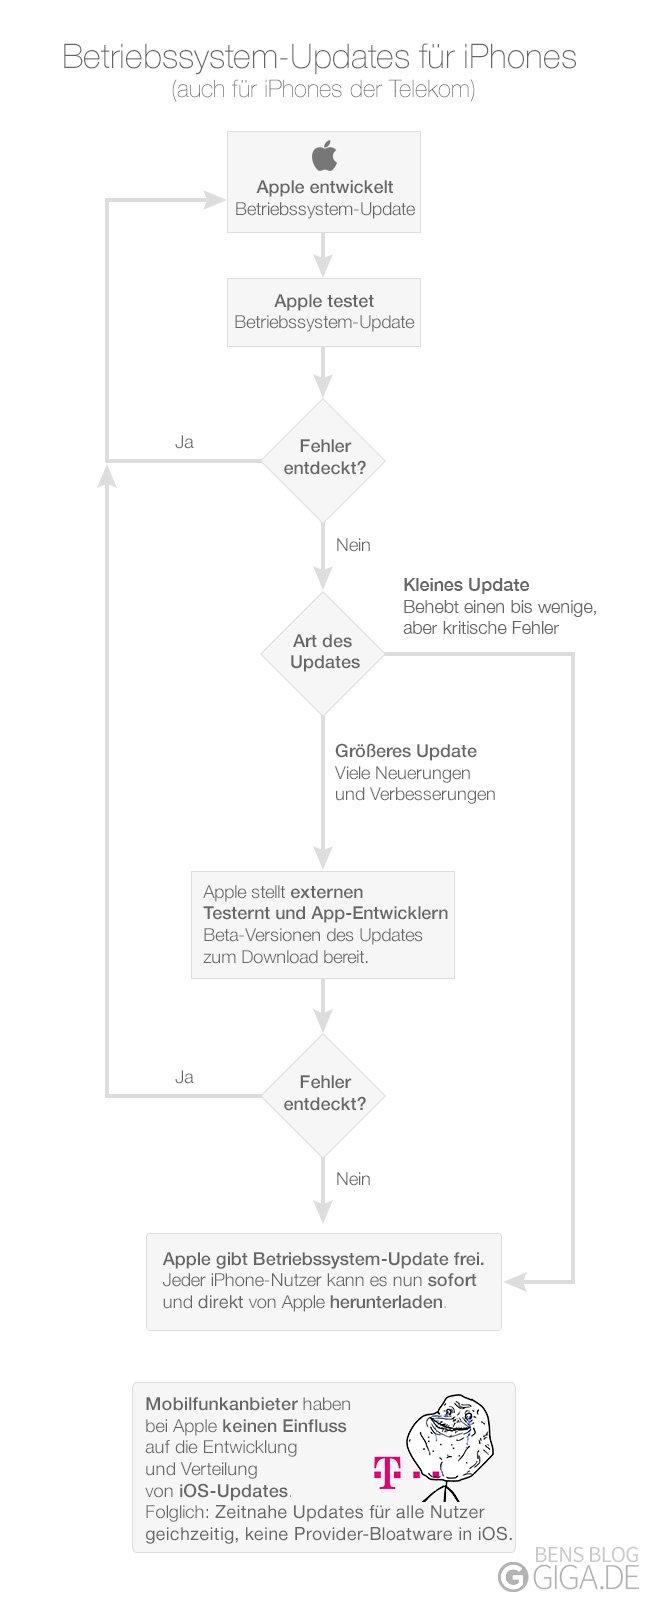 Betriebssystem-Updates für iPhones